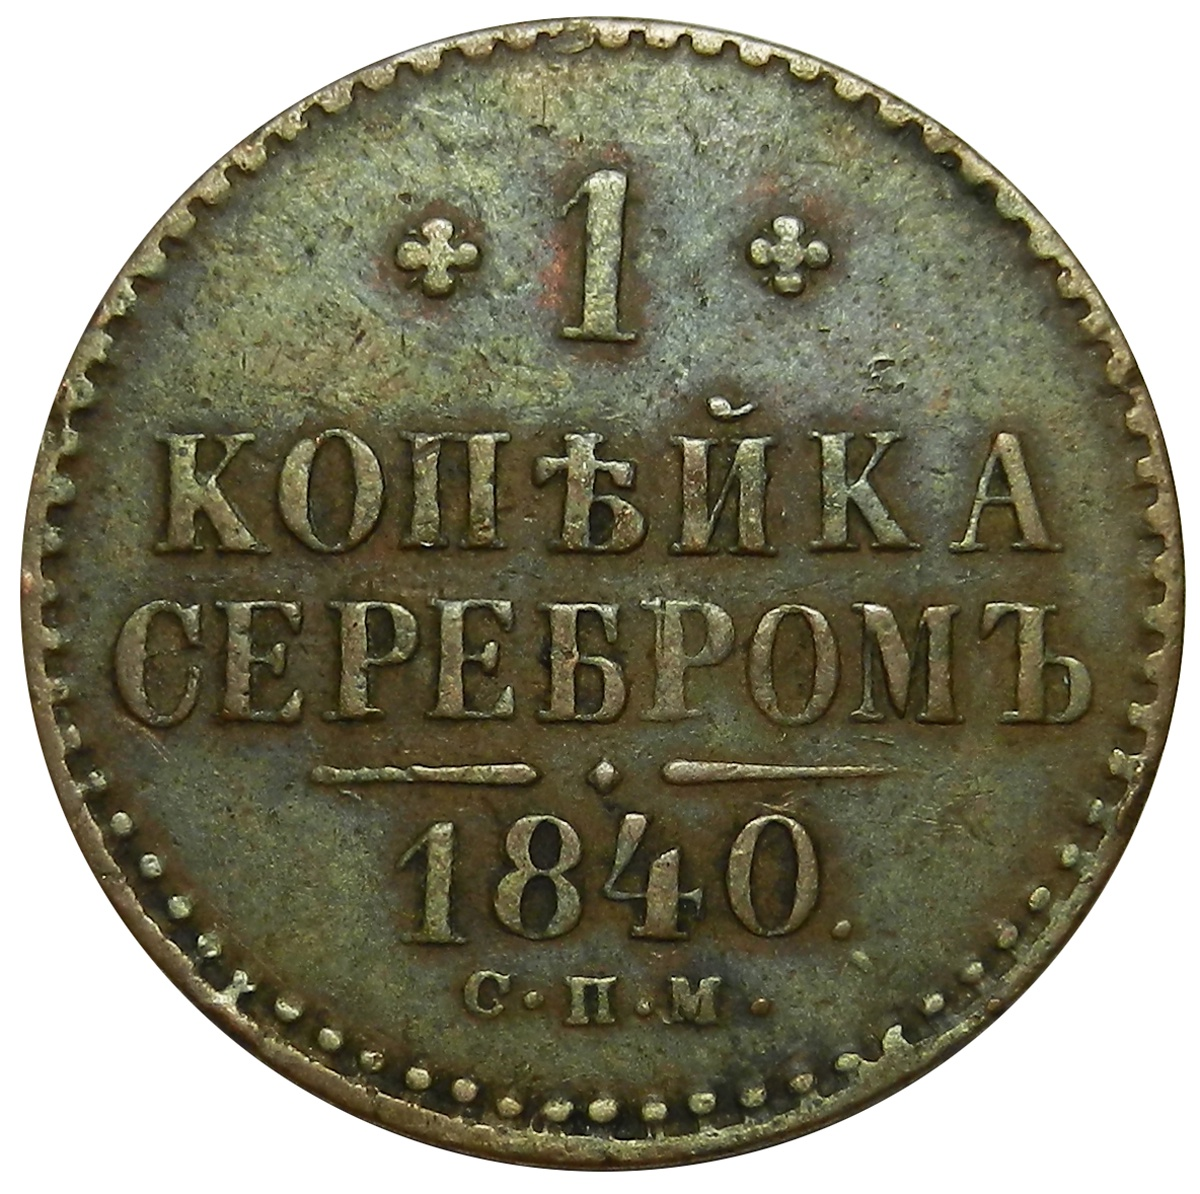 Монета 1 копейка серебром. Медь. Российская Империя, 1840 год (СПМ) AU монета 1 копейка серебром медь российская империя 1840 год спм xf